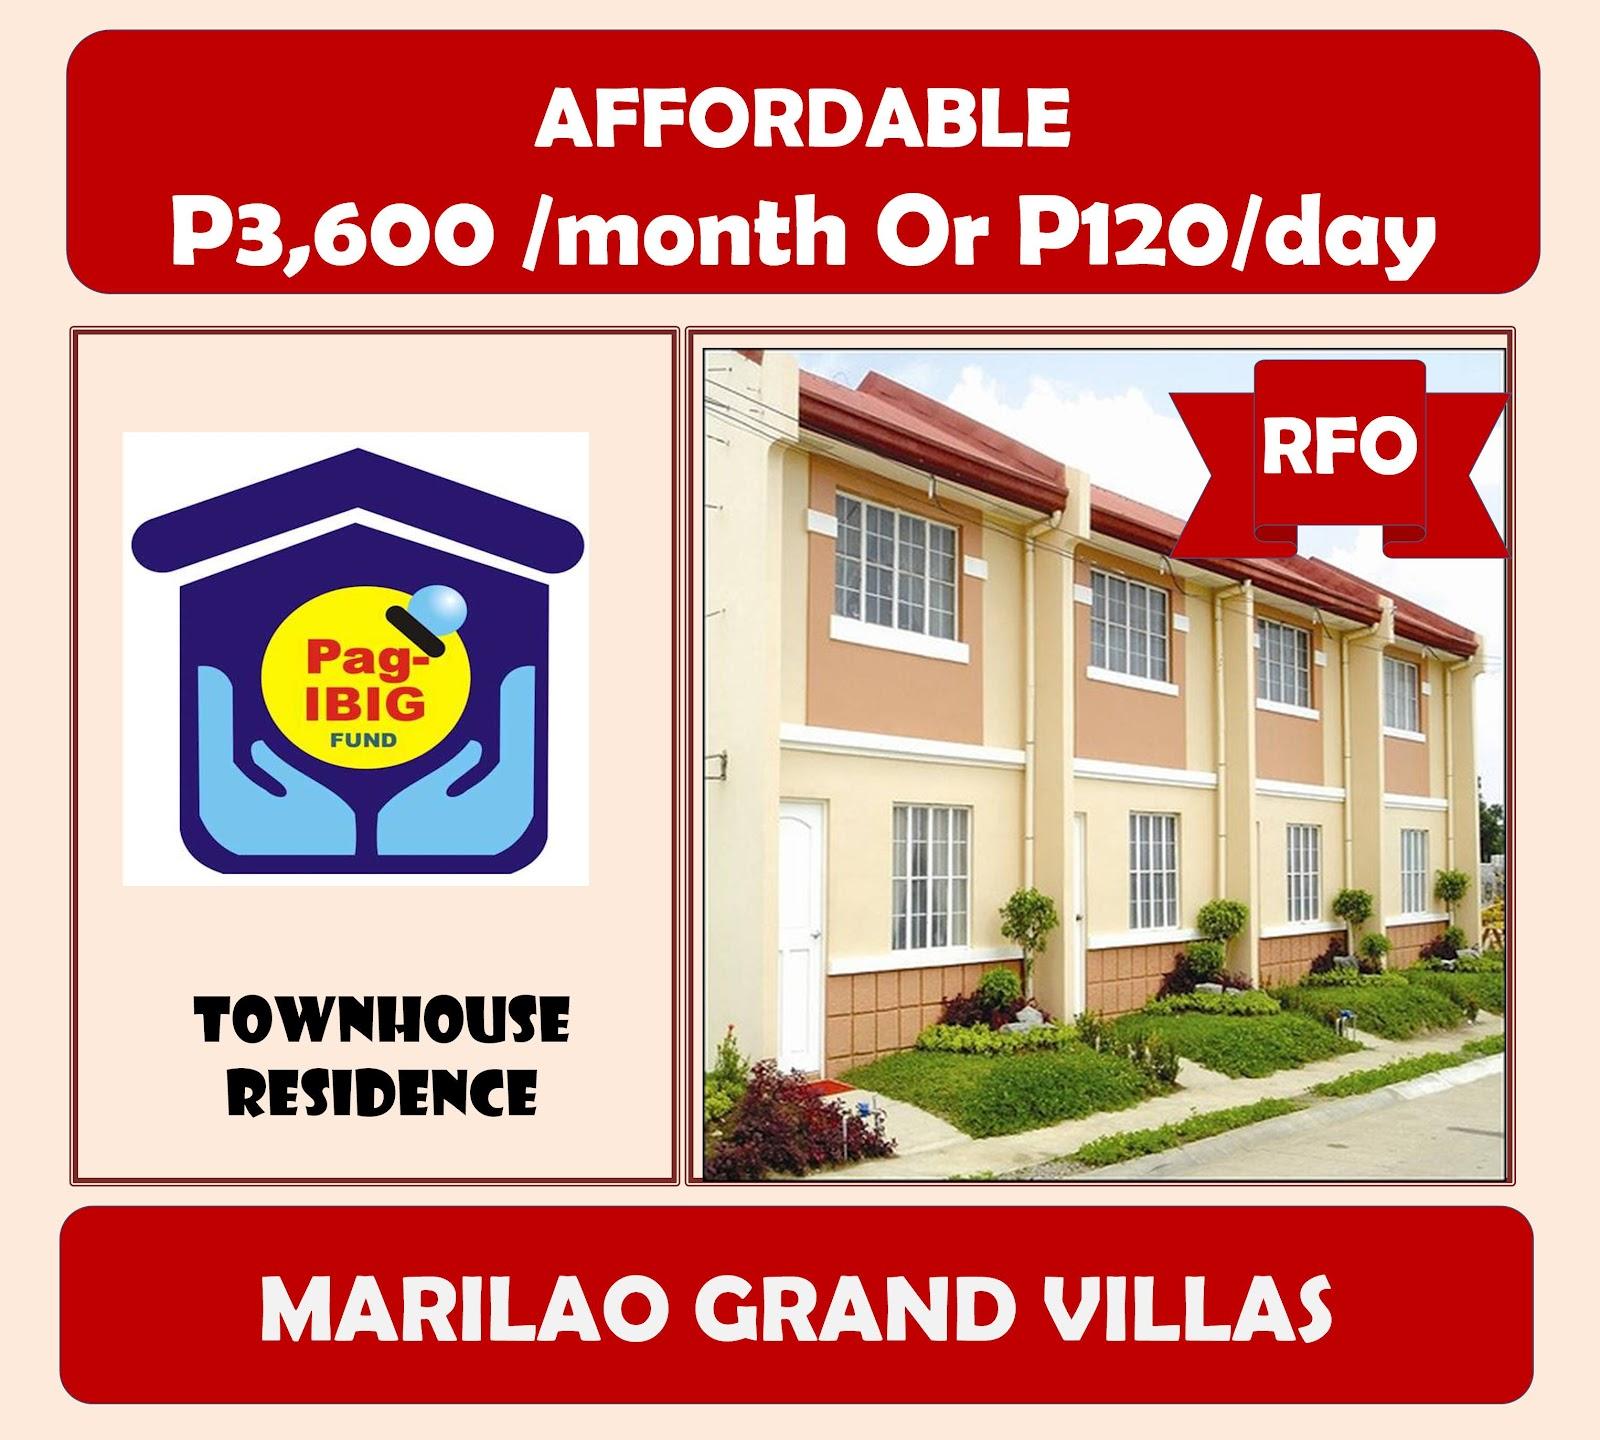 San Jose Apartments Cheap: At HOME Ako Dito Sa BAHAY Ko: MARILAO GRAND VILLAS